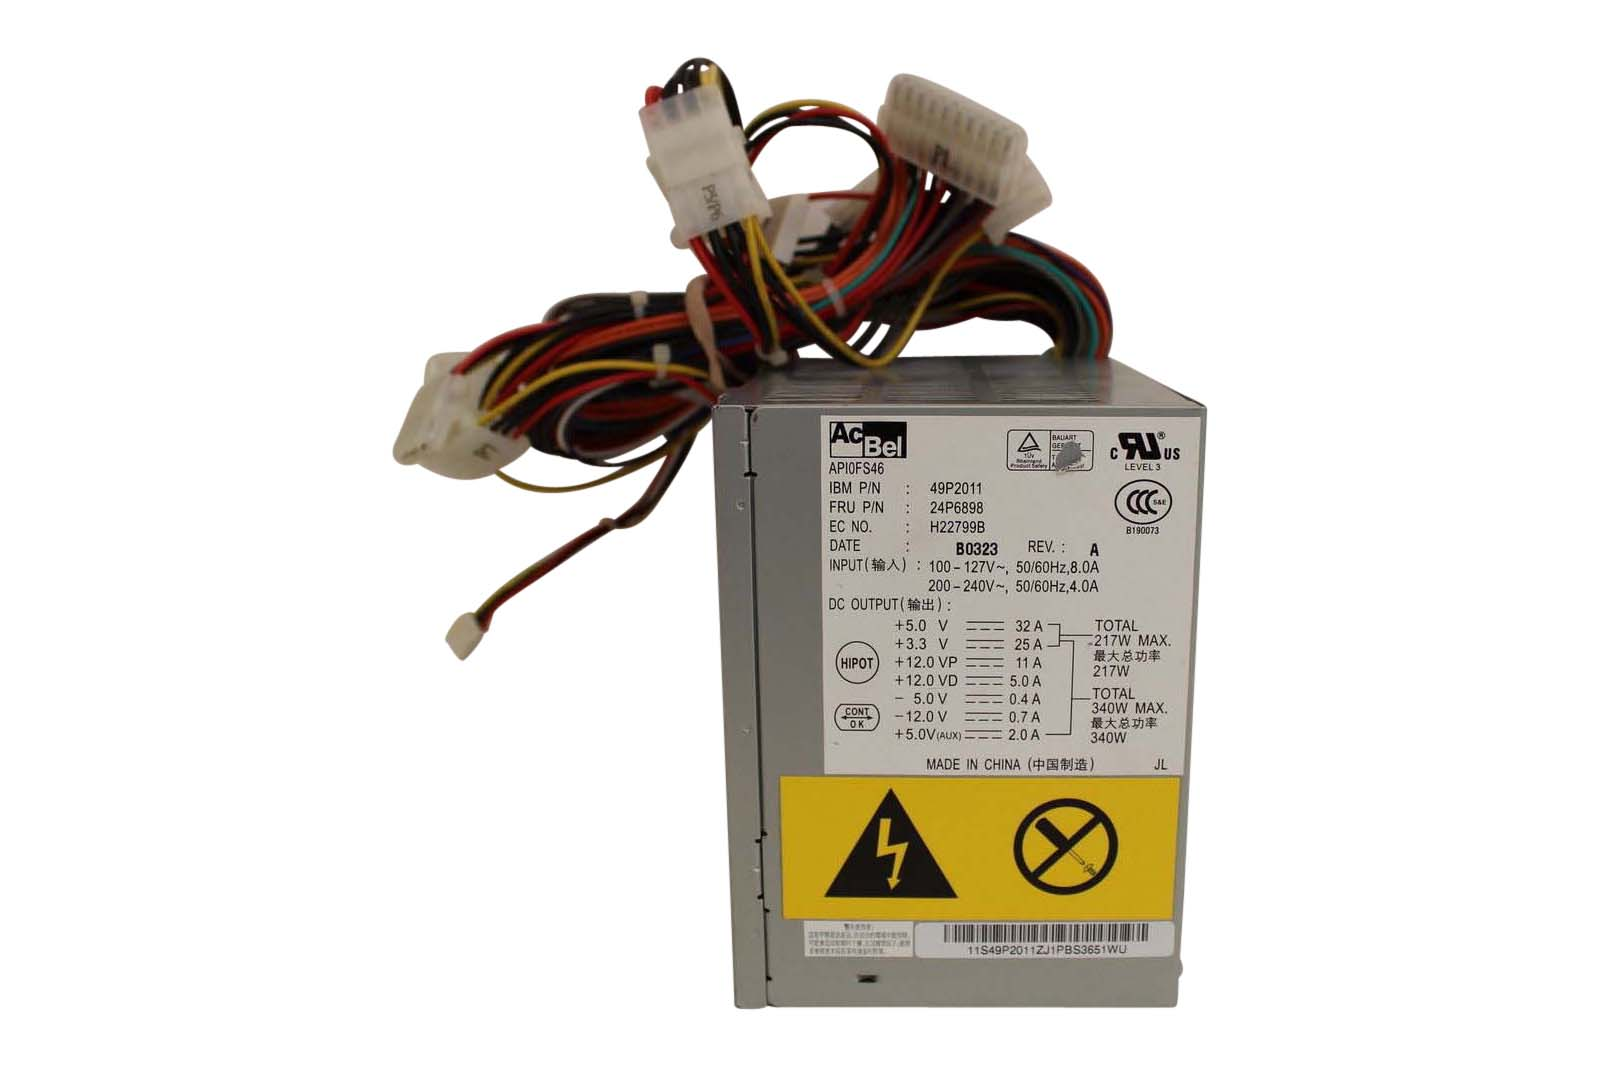 Ibm Power Supply 340W X-Series 220/205/206